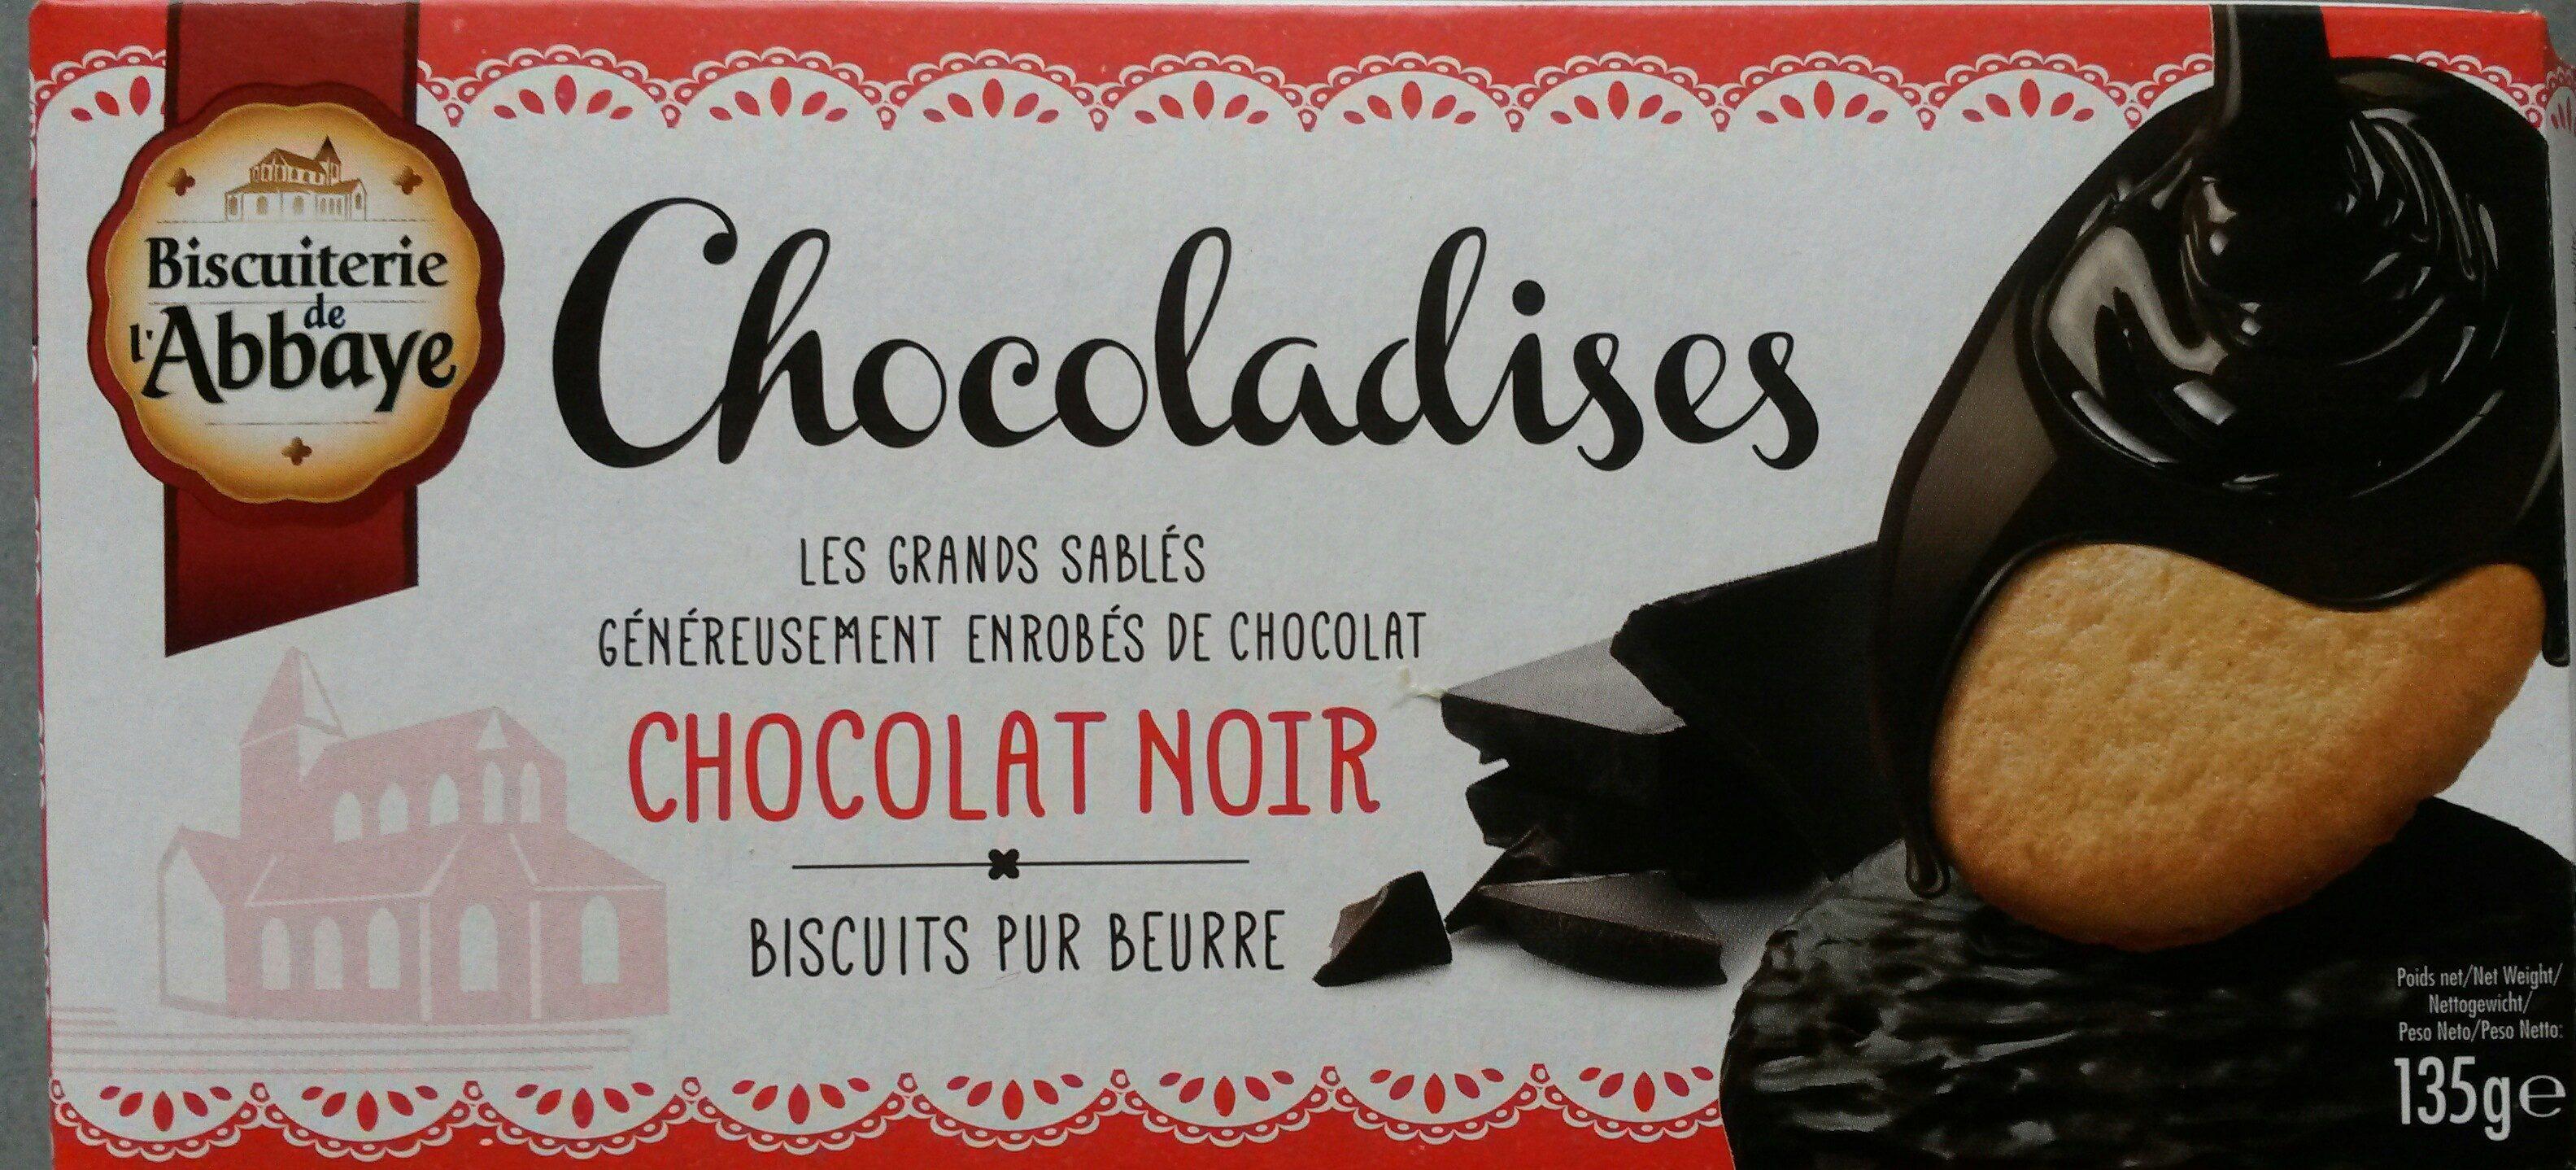 150G Chocoladises Noir Biscuiterie De L'abbaye - Produit - fr